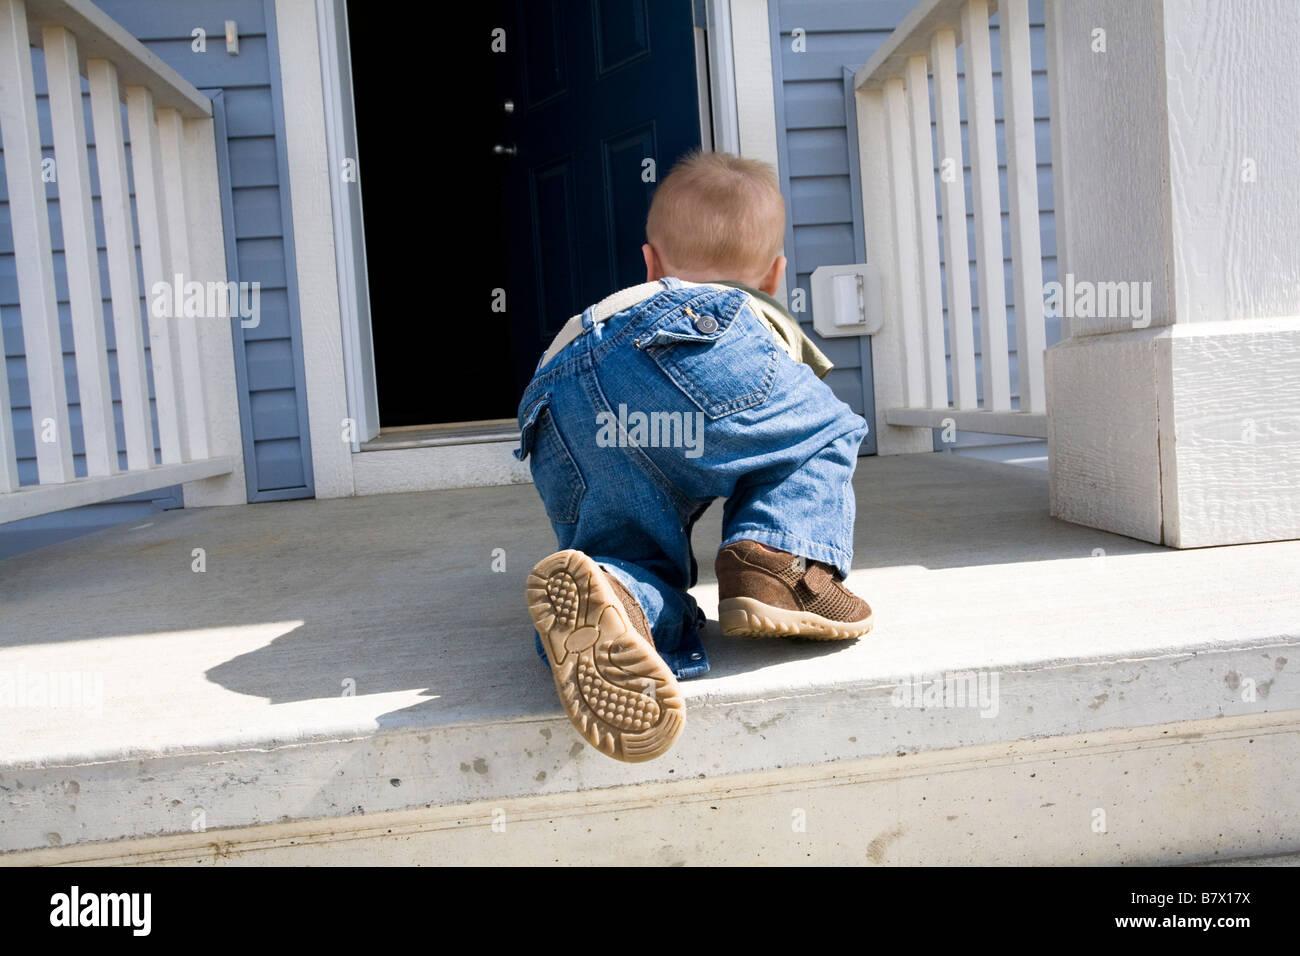 Criança muito lentamente no sentido de porta aberta Imagens de Stock